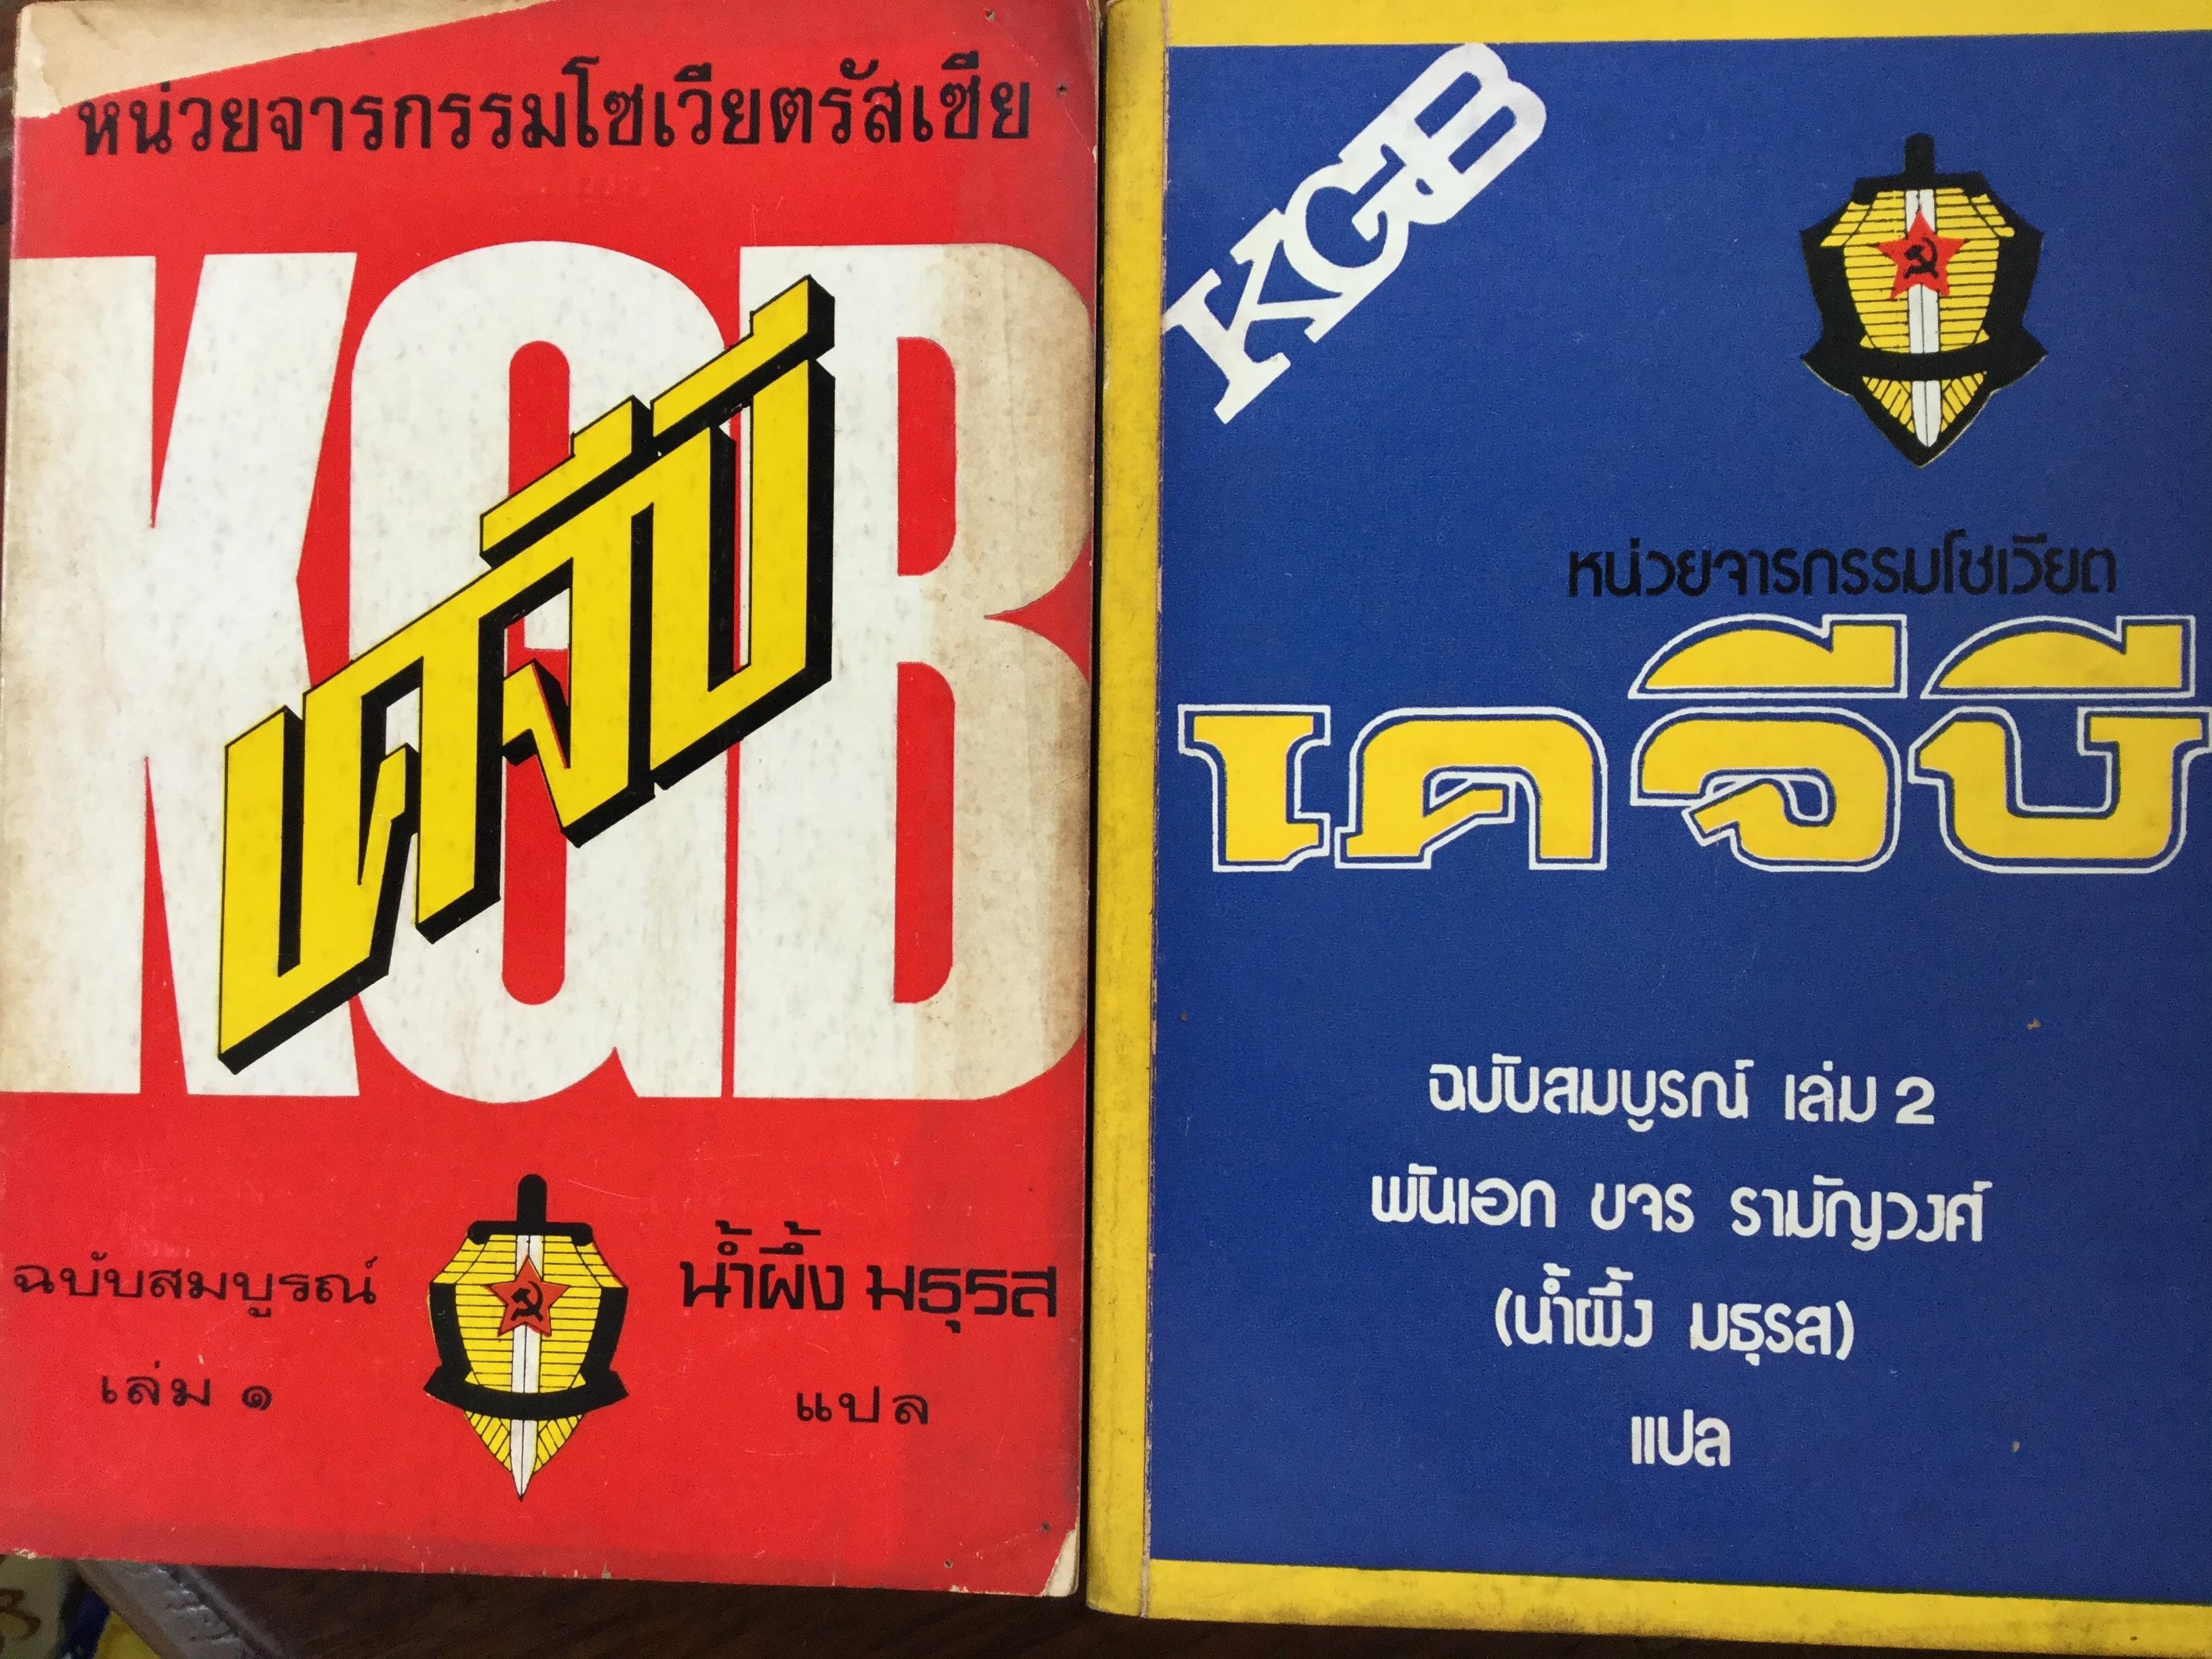 เคจีบี. KGB หน่วยจารกรรมโซเวียตรัสเซีย. ฉบับสมบูรณ์ เล่ม 1-2 = รวม 2 เล่ม ผู้แปล น้ำผึ้ง มธุรส